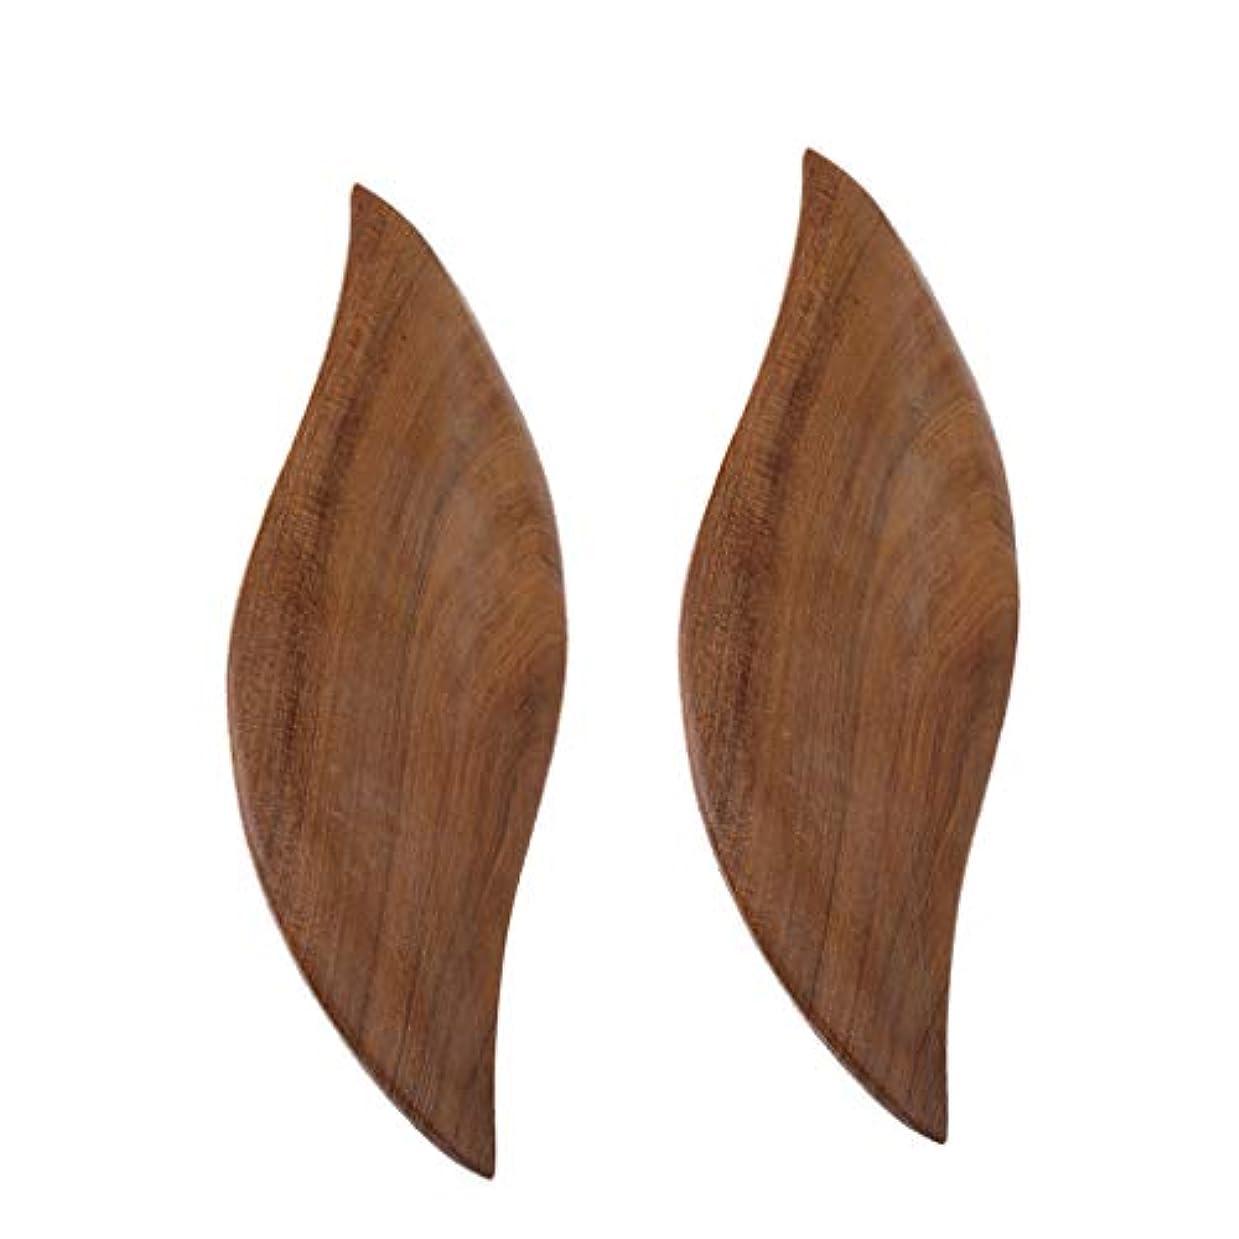 キッチン肘掛け椅子維持する2枚 かっさプレート 木製 ボード ボディーケア 葉の形 便利